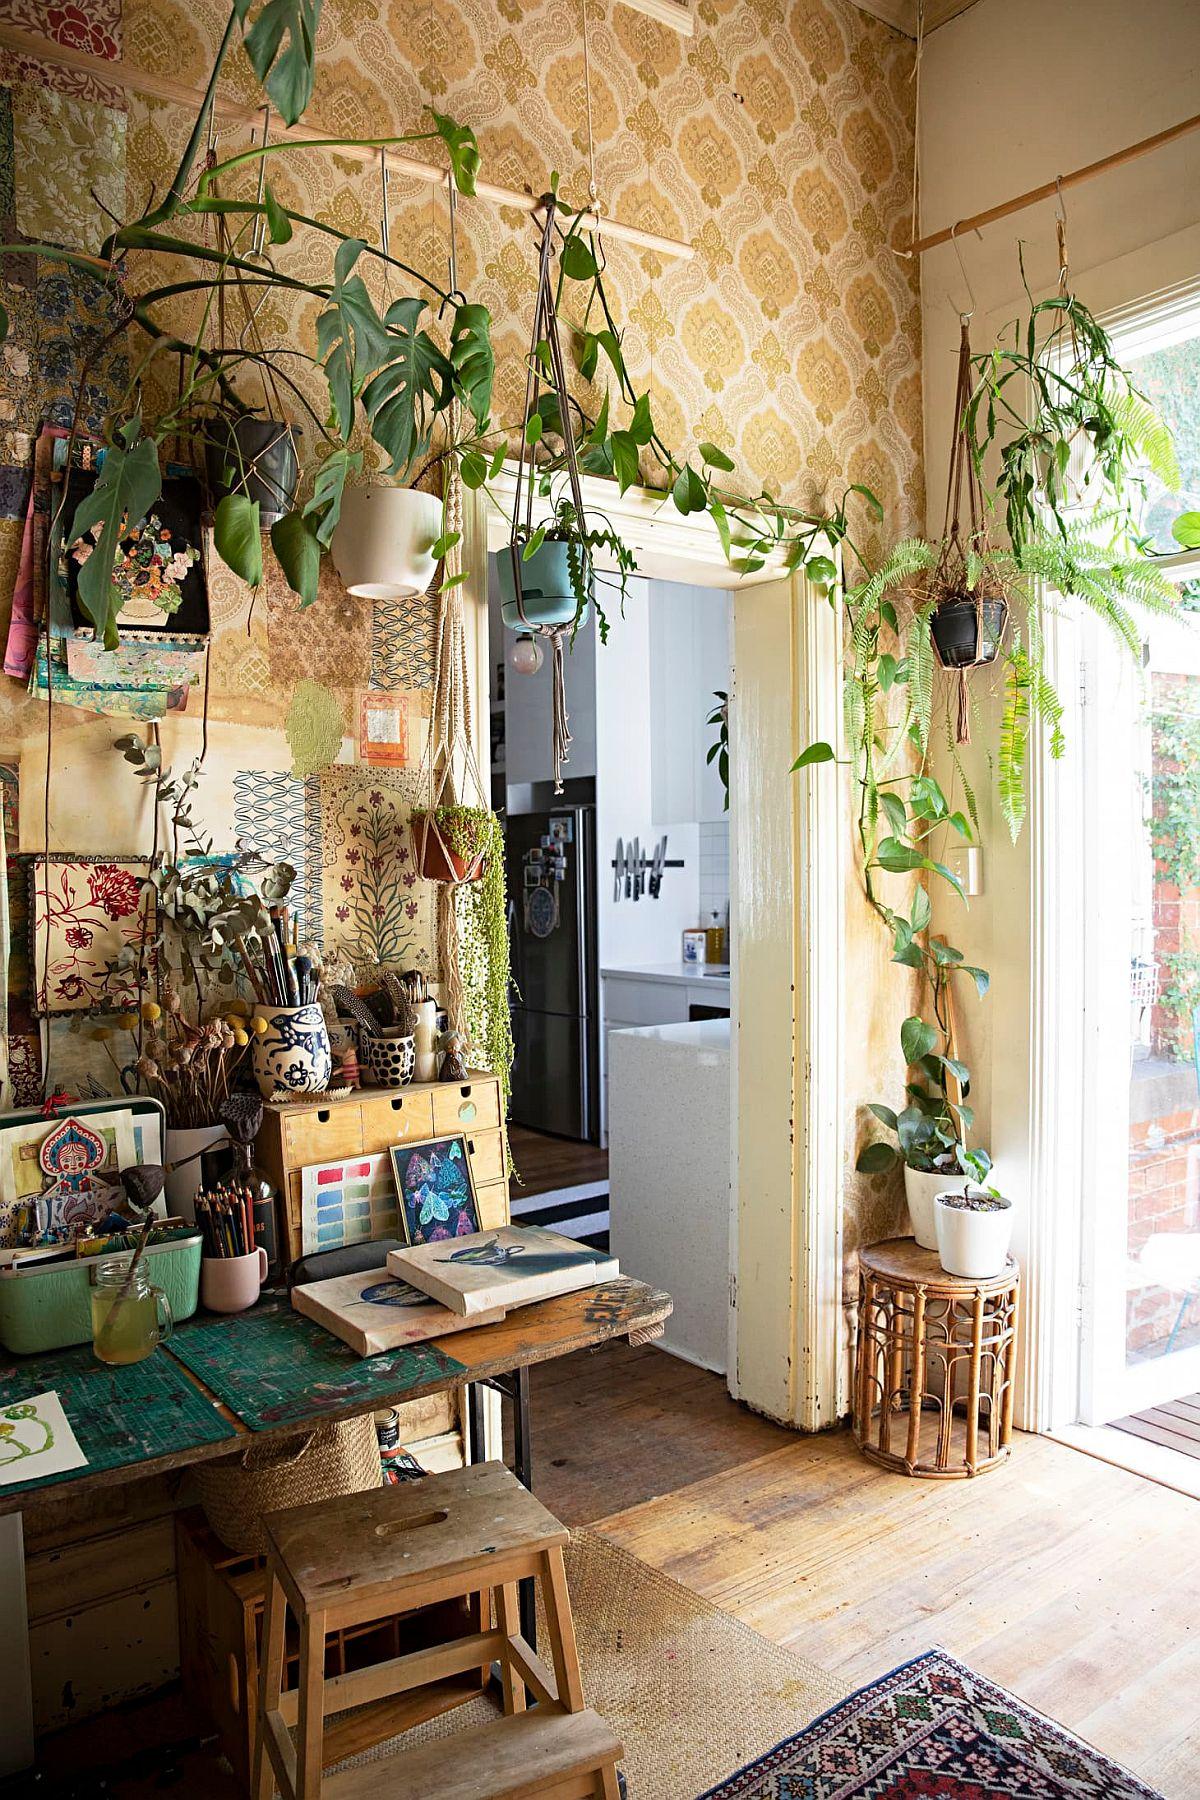 Bureau à domicile éclectique moderne à Melbourne avec une plante grimpante qui ajoute de la verdure à la pièce